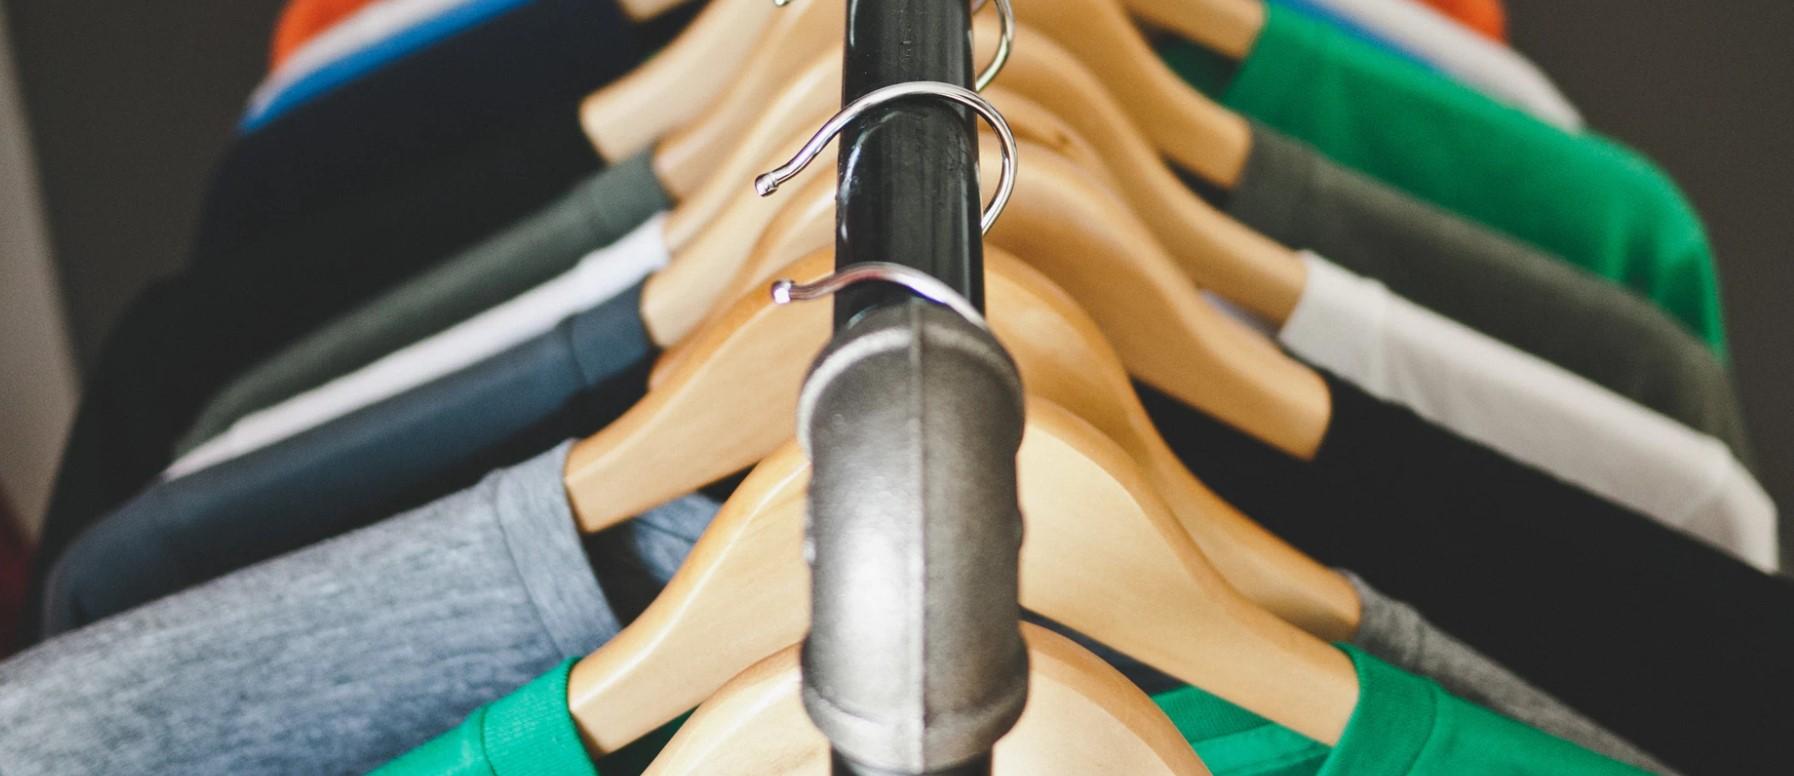 Własne pomysły na odzieży? Poznaj jakość firmy Hanes